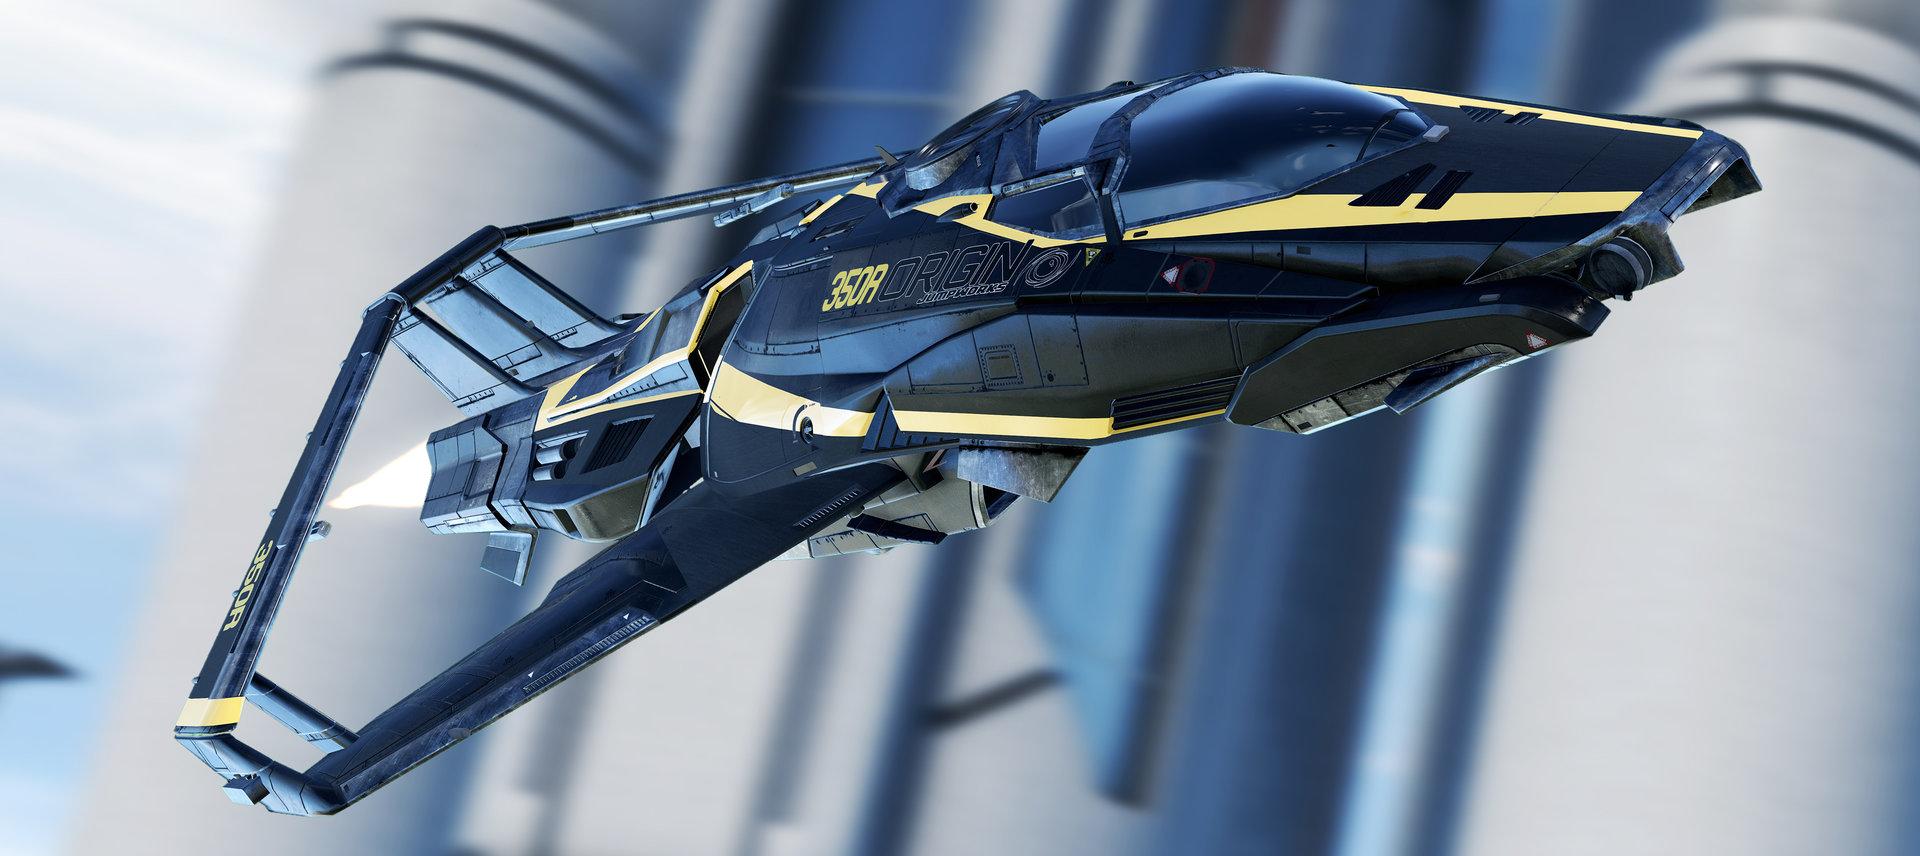 Origin 350R